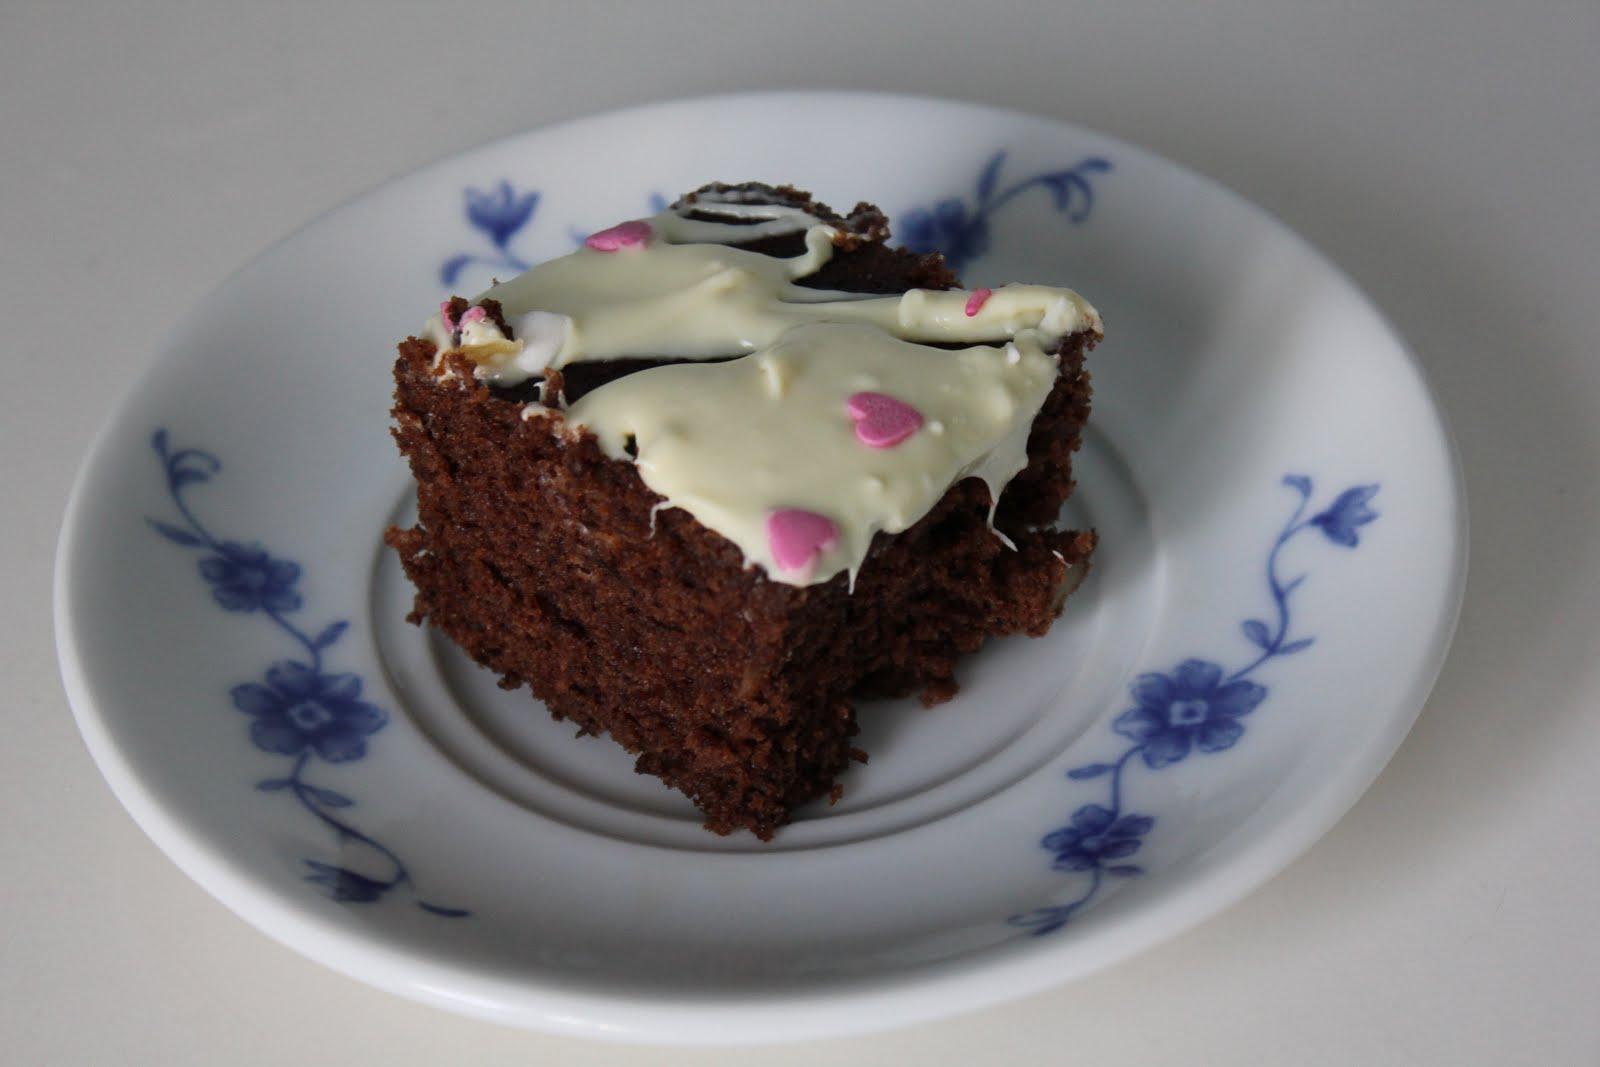 Domingos en la cocina bizcocho de chocolate 5 minutos - Bizcocho microondas 3 minutos ...